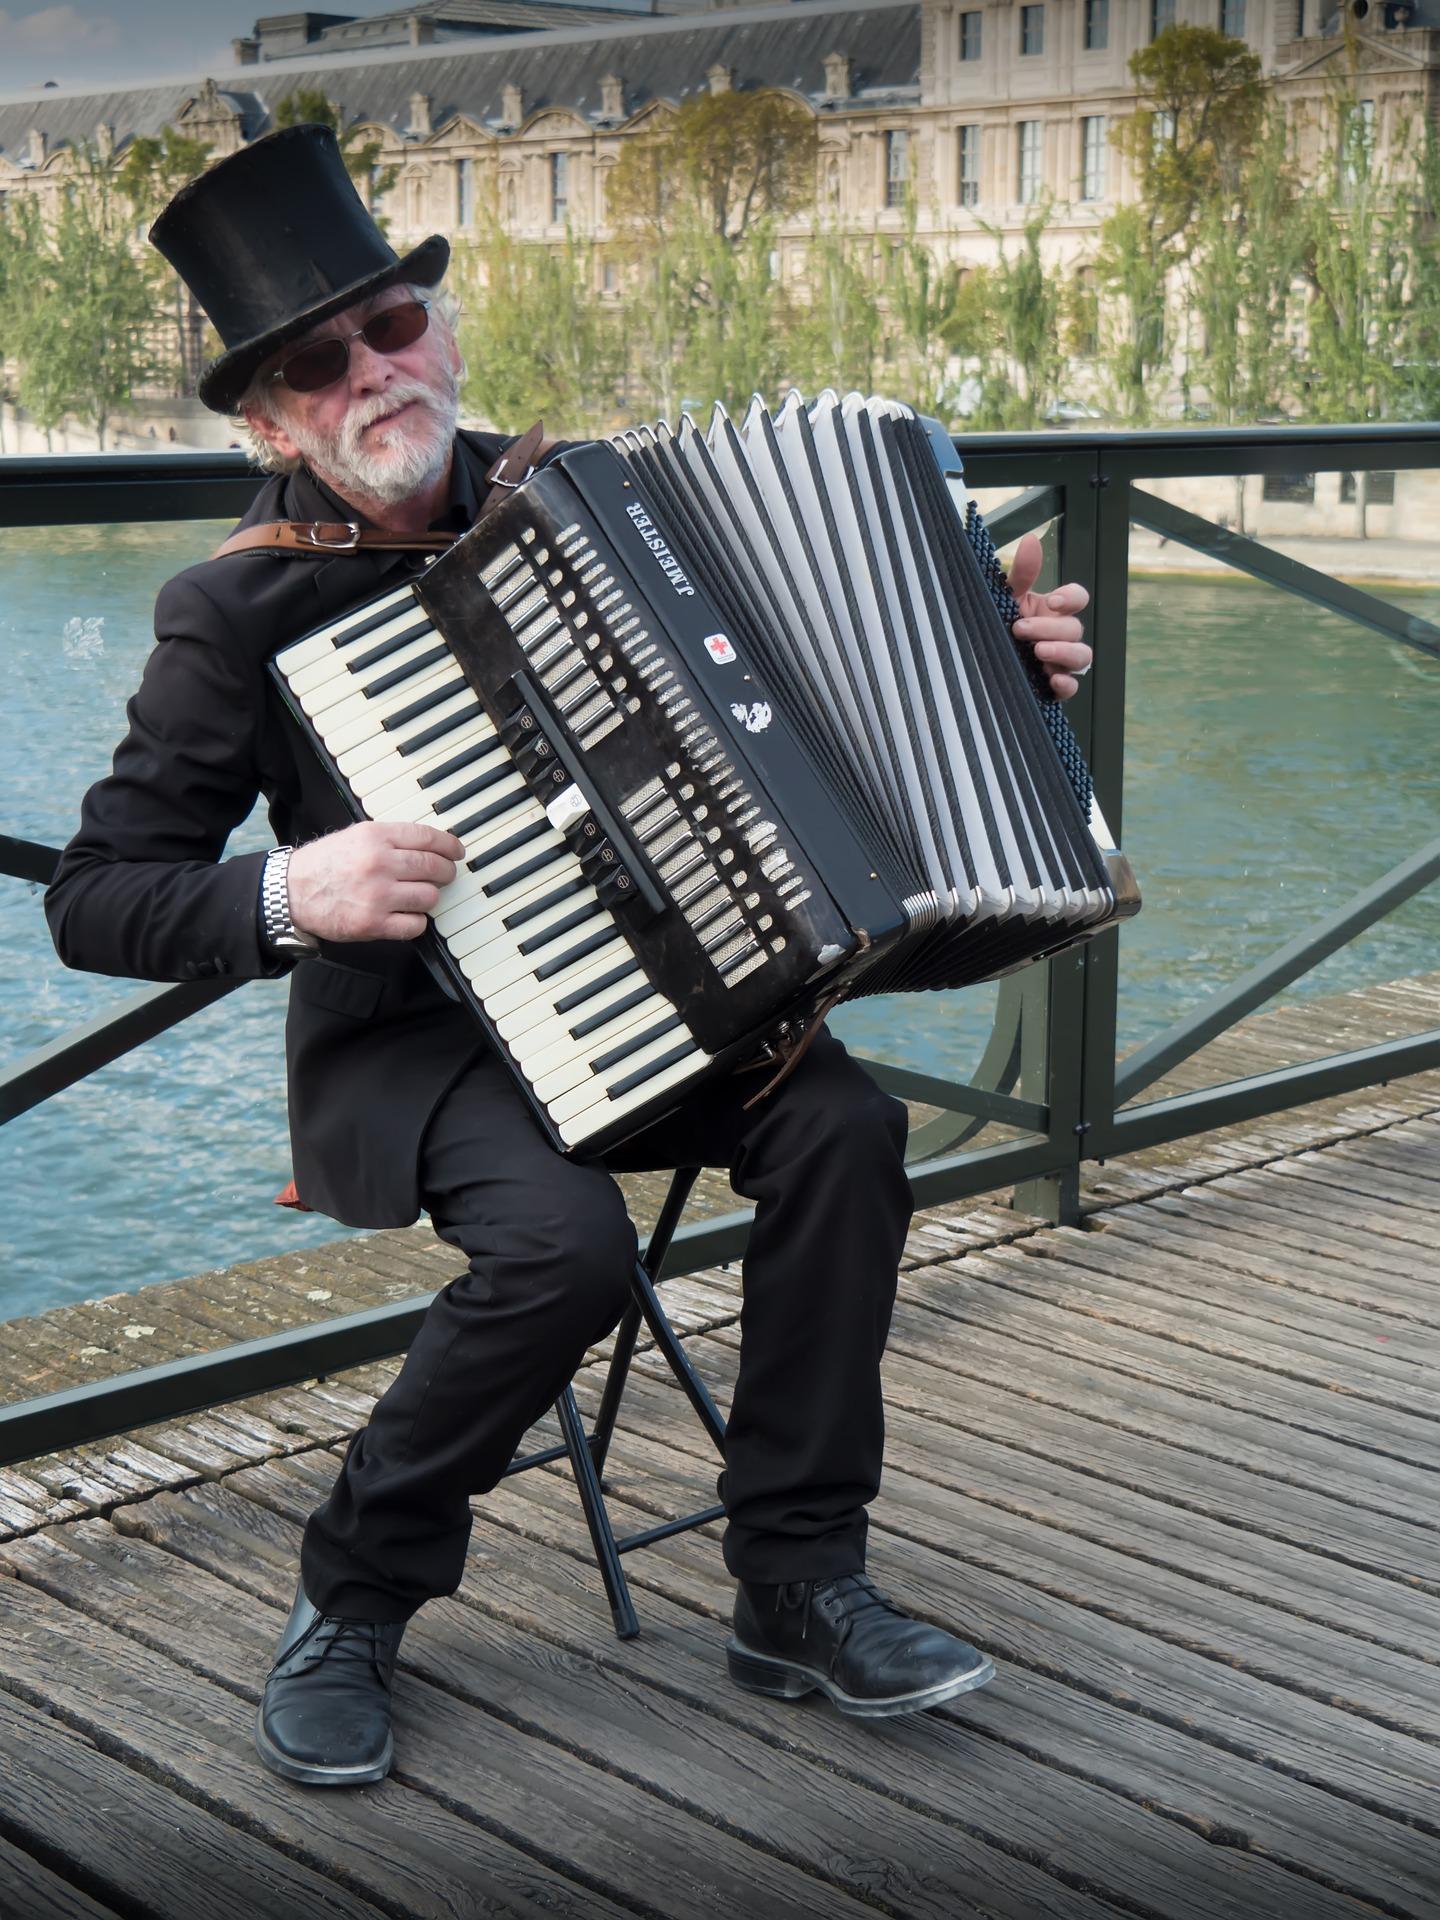 Paris, musician